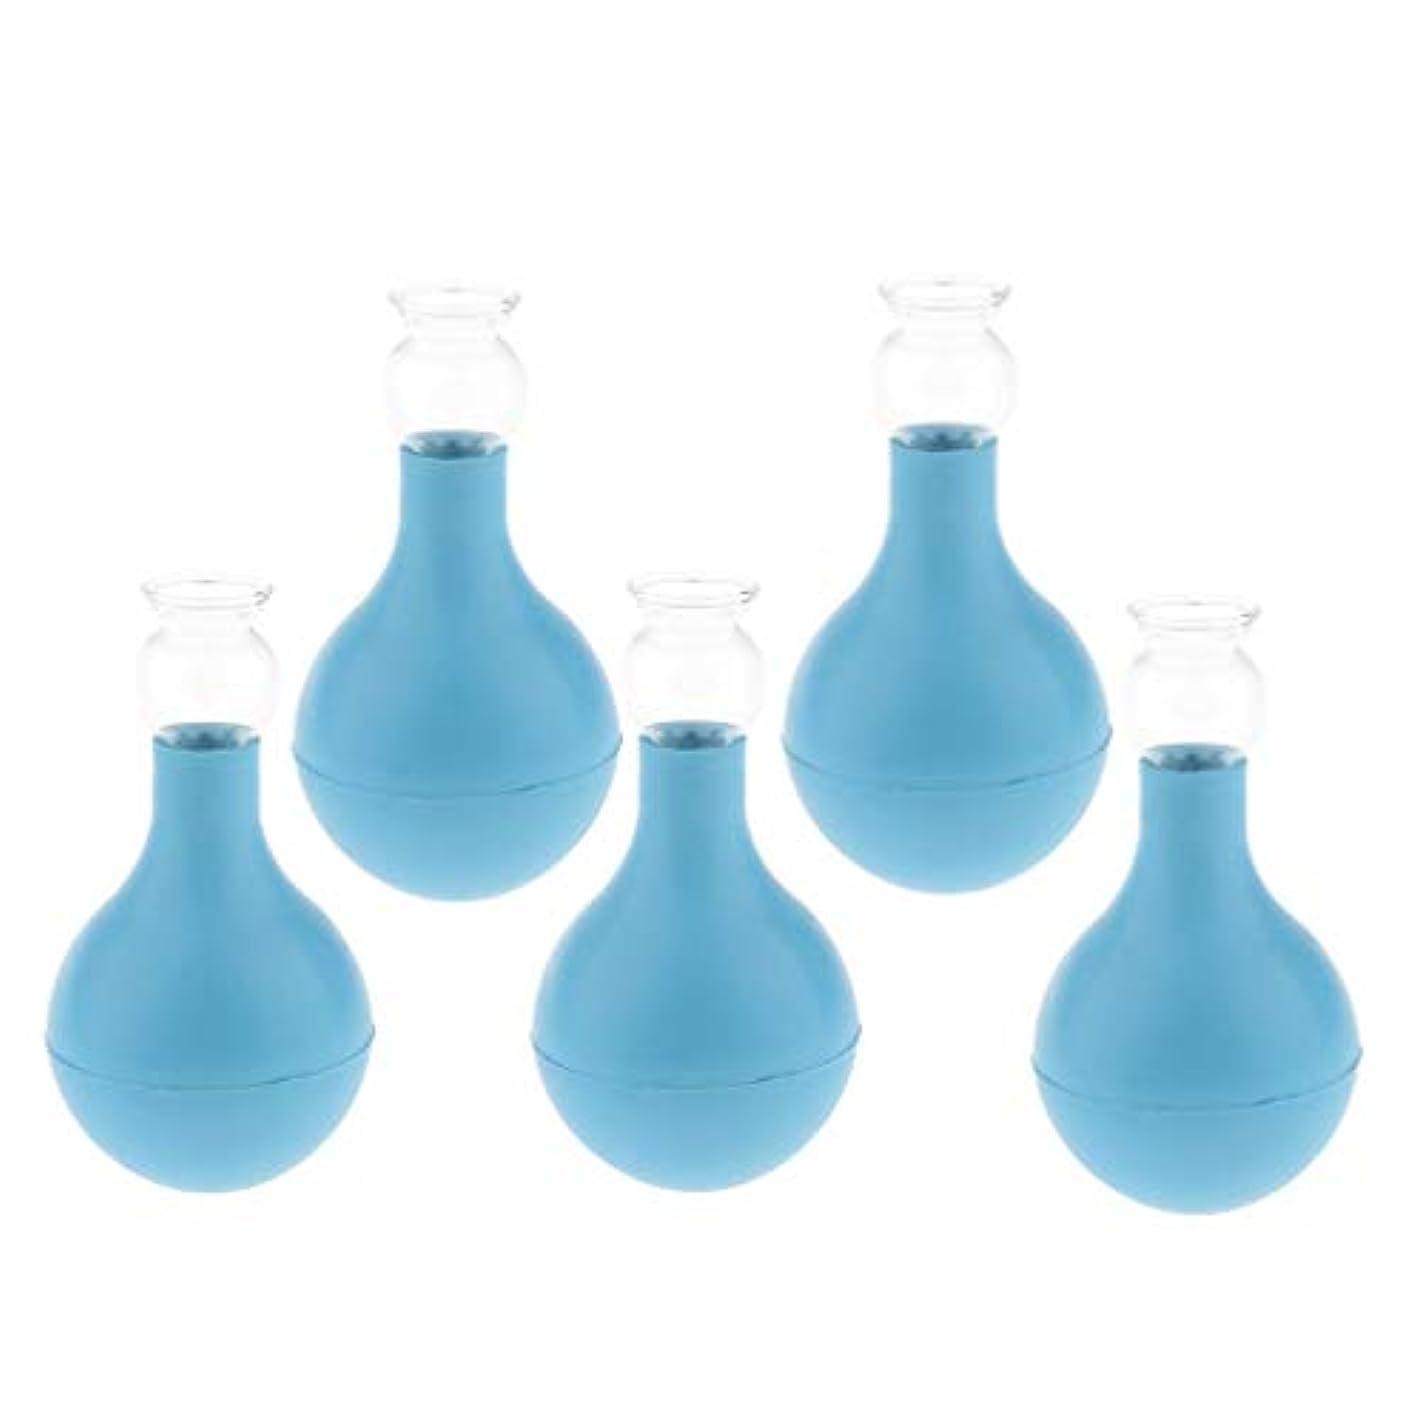 トレード食器棚実験D DOLITY マッサージ 吸い玉 カッピング 5個 シリコン ガラス 顔 首 背中 胸 脚 全身用 2サイズ選ぶ - ブルー+ブルー3cm, 3cm